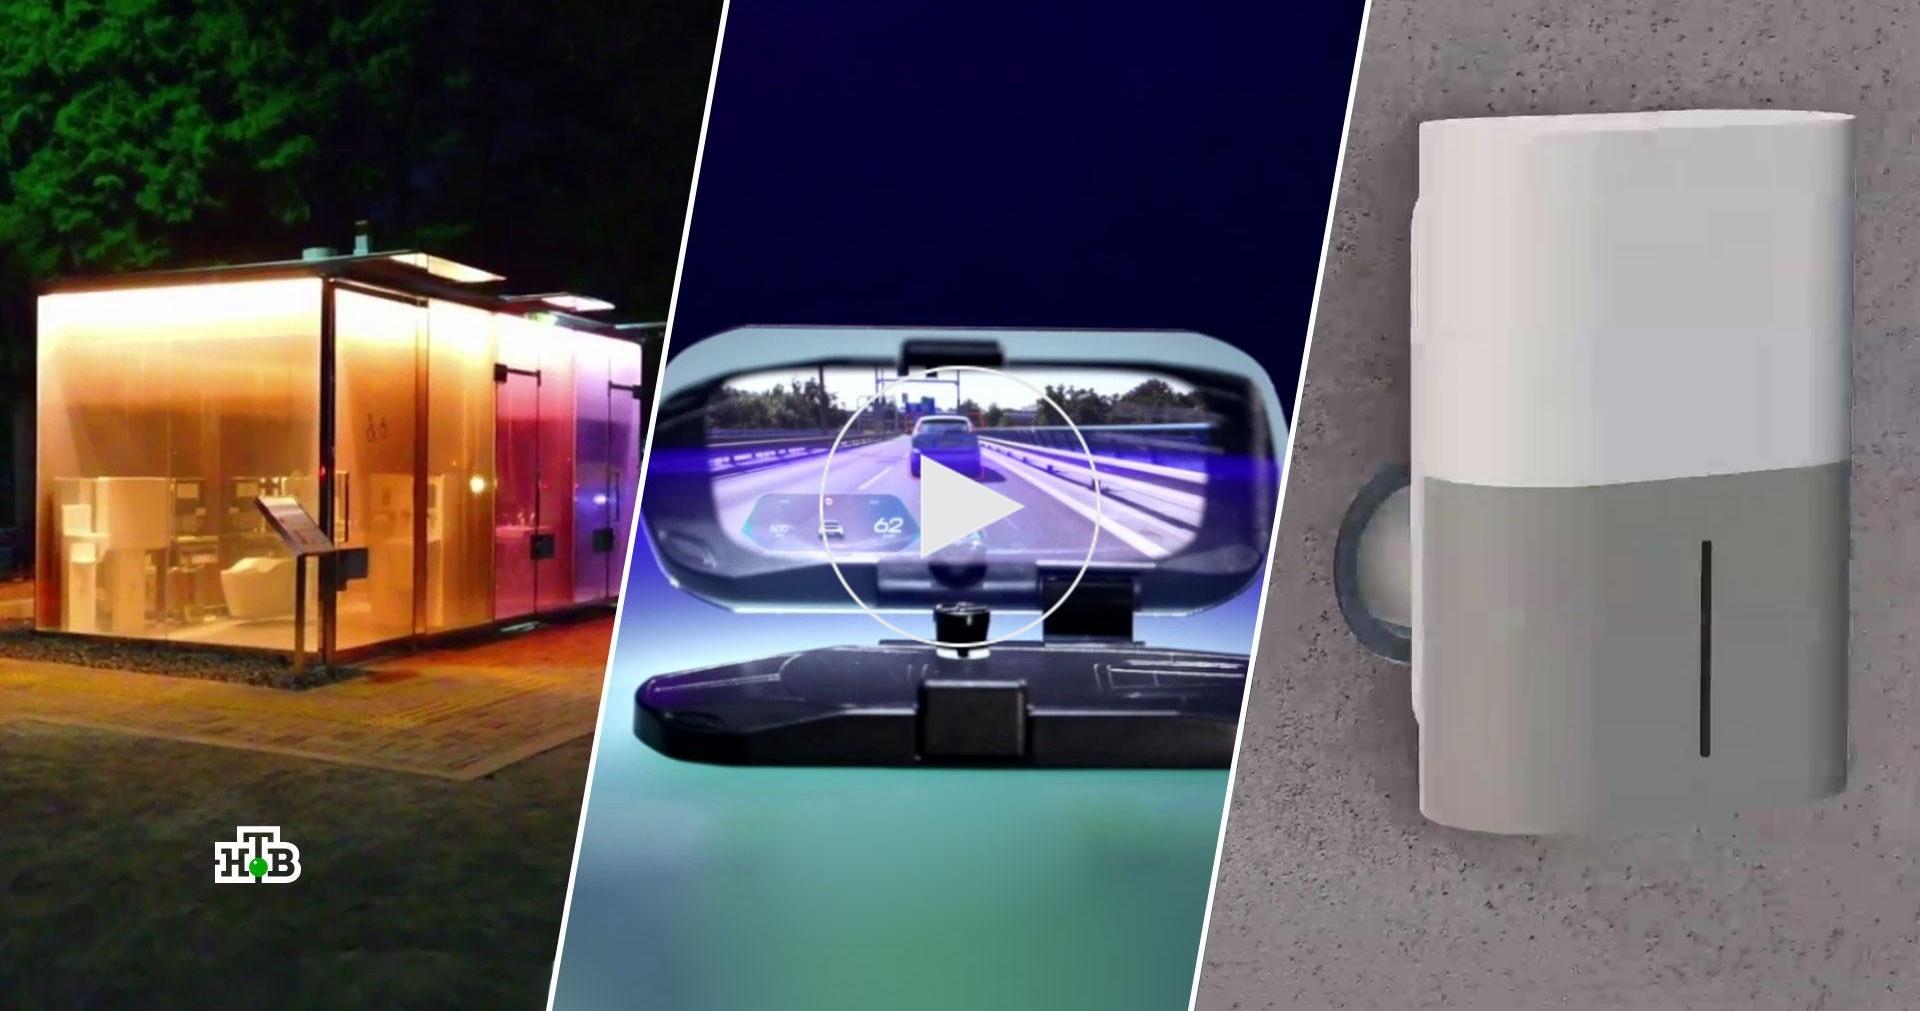 Стекло спеременной прозрачностью, проекционная подставка для авто и«умная» система очистки воздуха